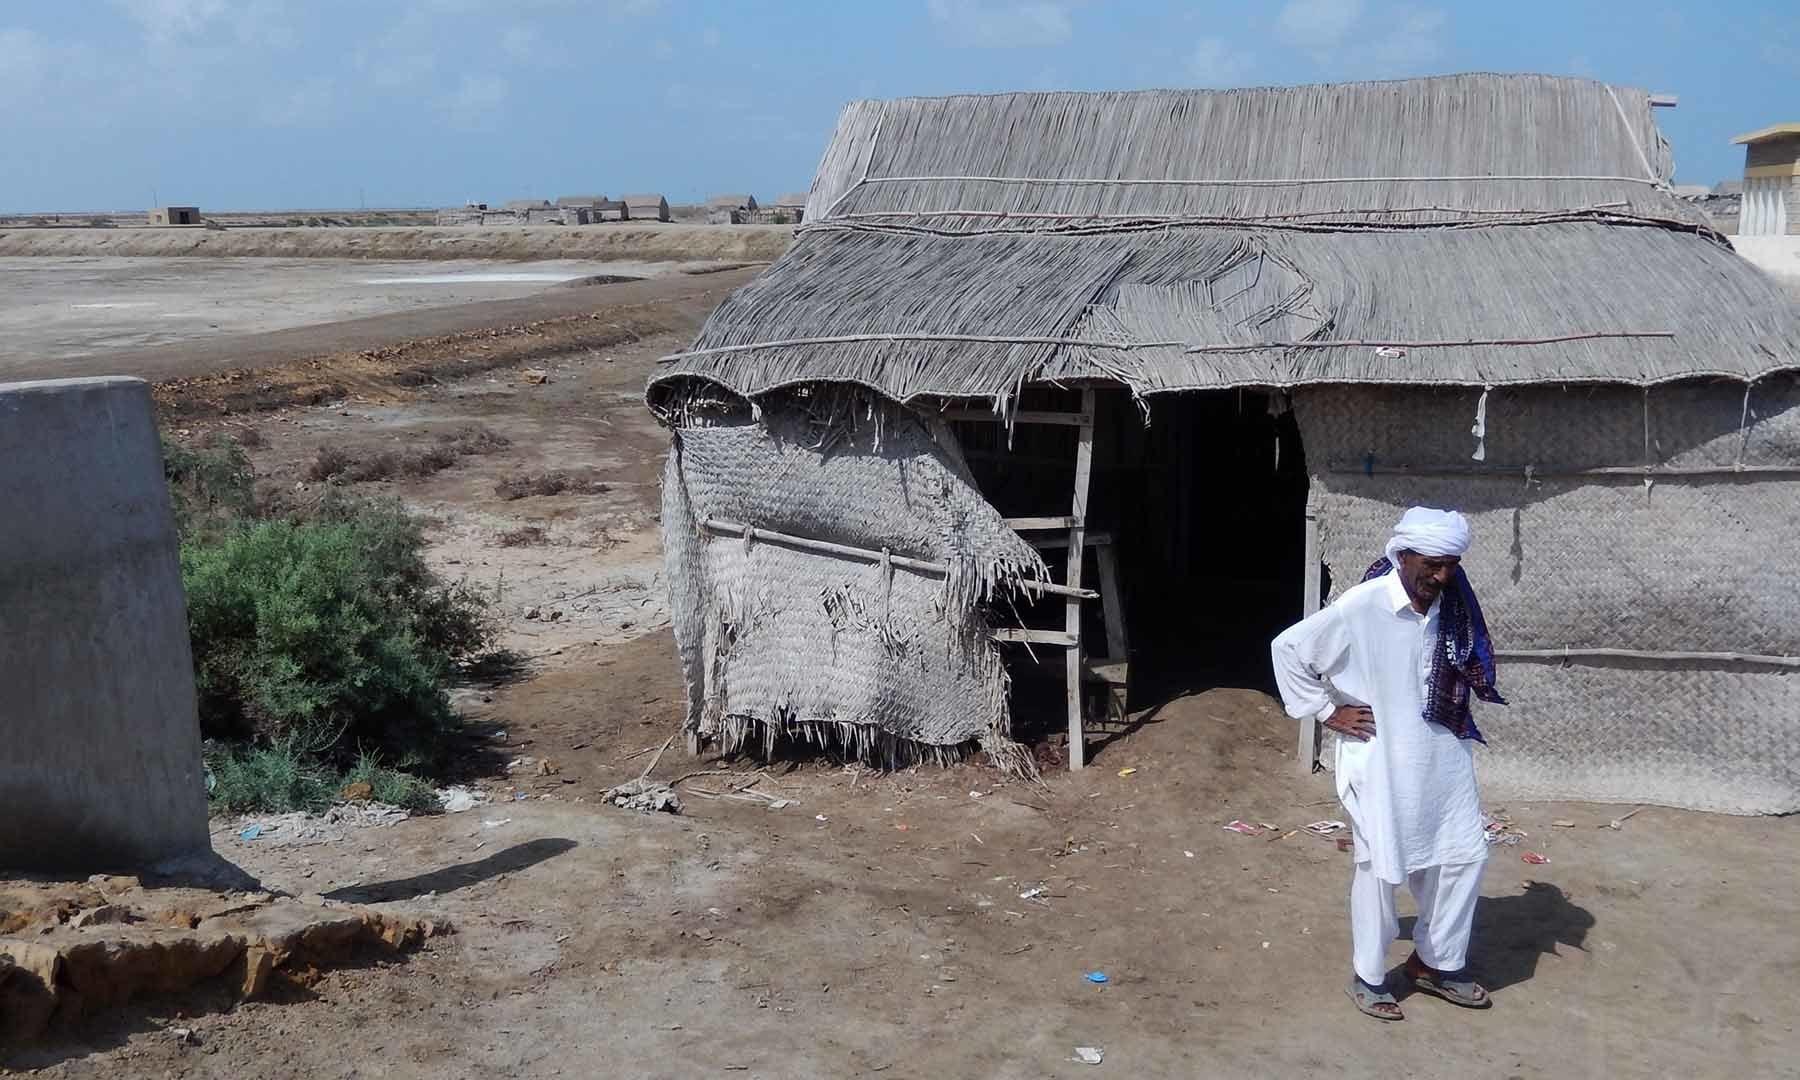 علی محمد شاہ اپنی دکان کے آگے کھڑے ہیں — تصویر ابوبکر شیخ